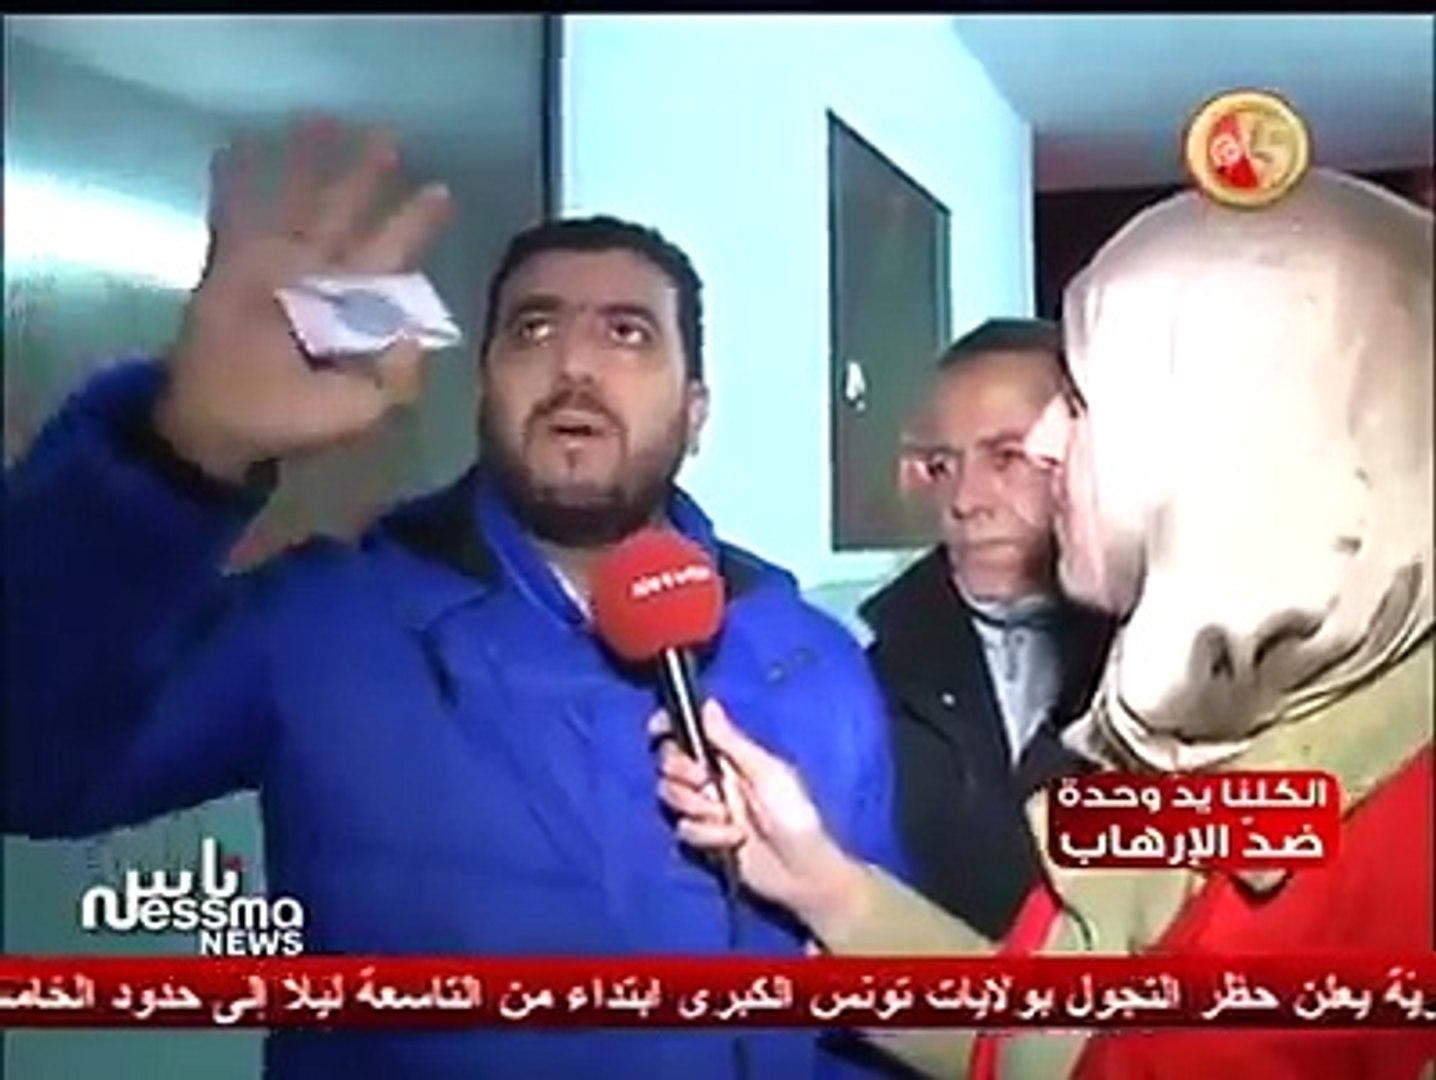 فيديو داخل مستشفى قوات الأمن  بالمرسى و حالة المصابين و رواية منقولة لأحد الناجين